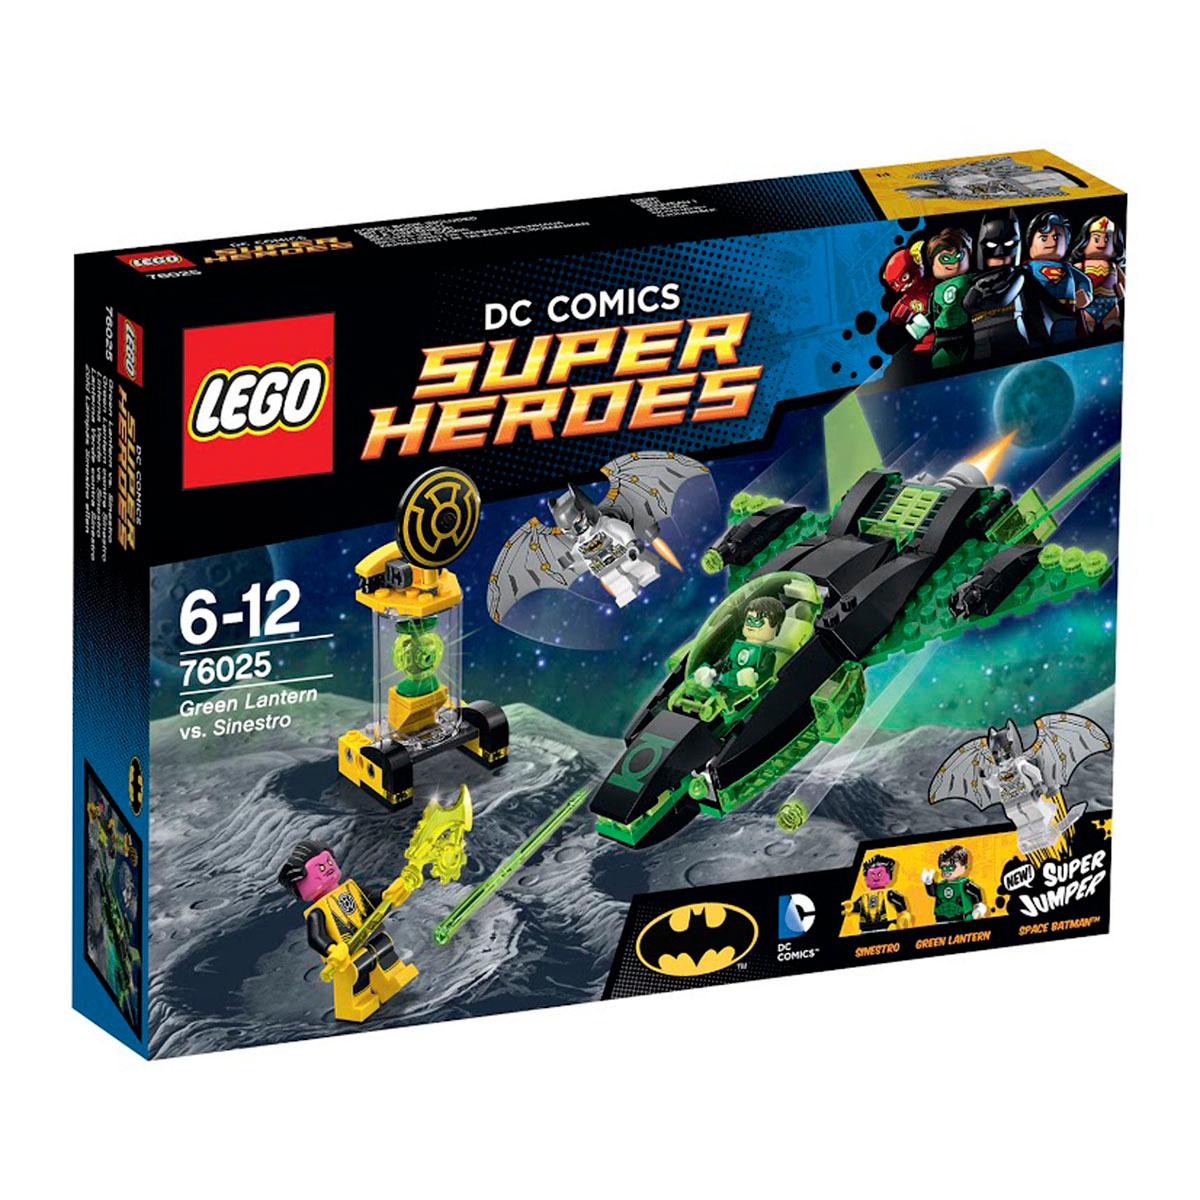 Конструктор LEGO DC Comics Super Heroes 76025 Зеленый Фонарь против Синестро  #1